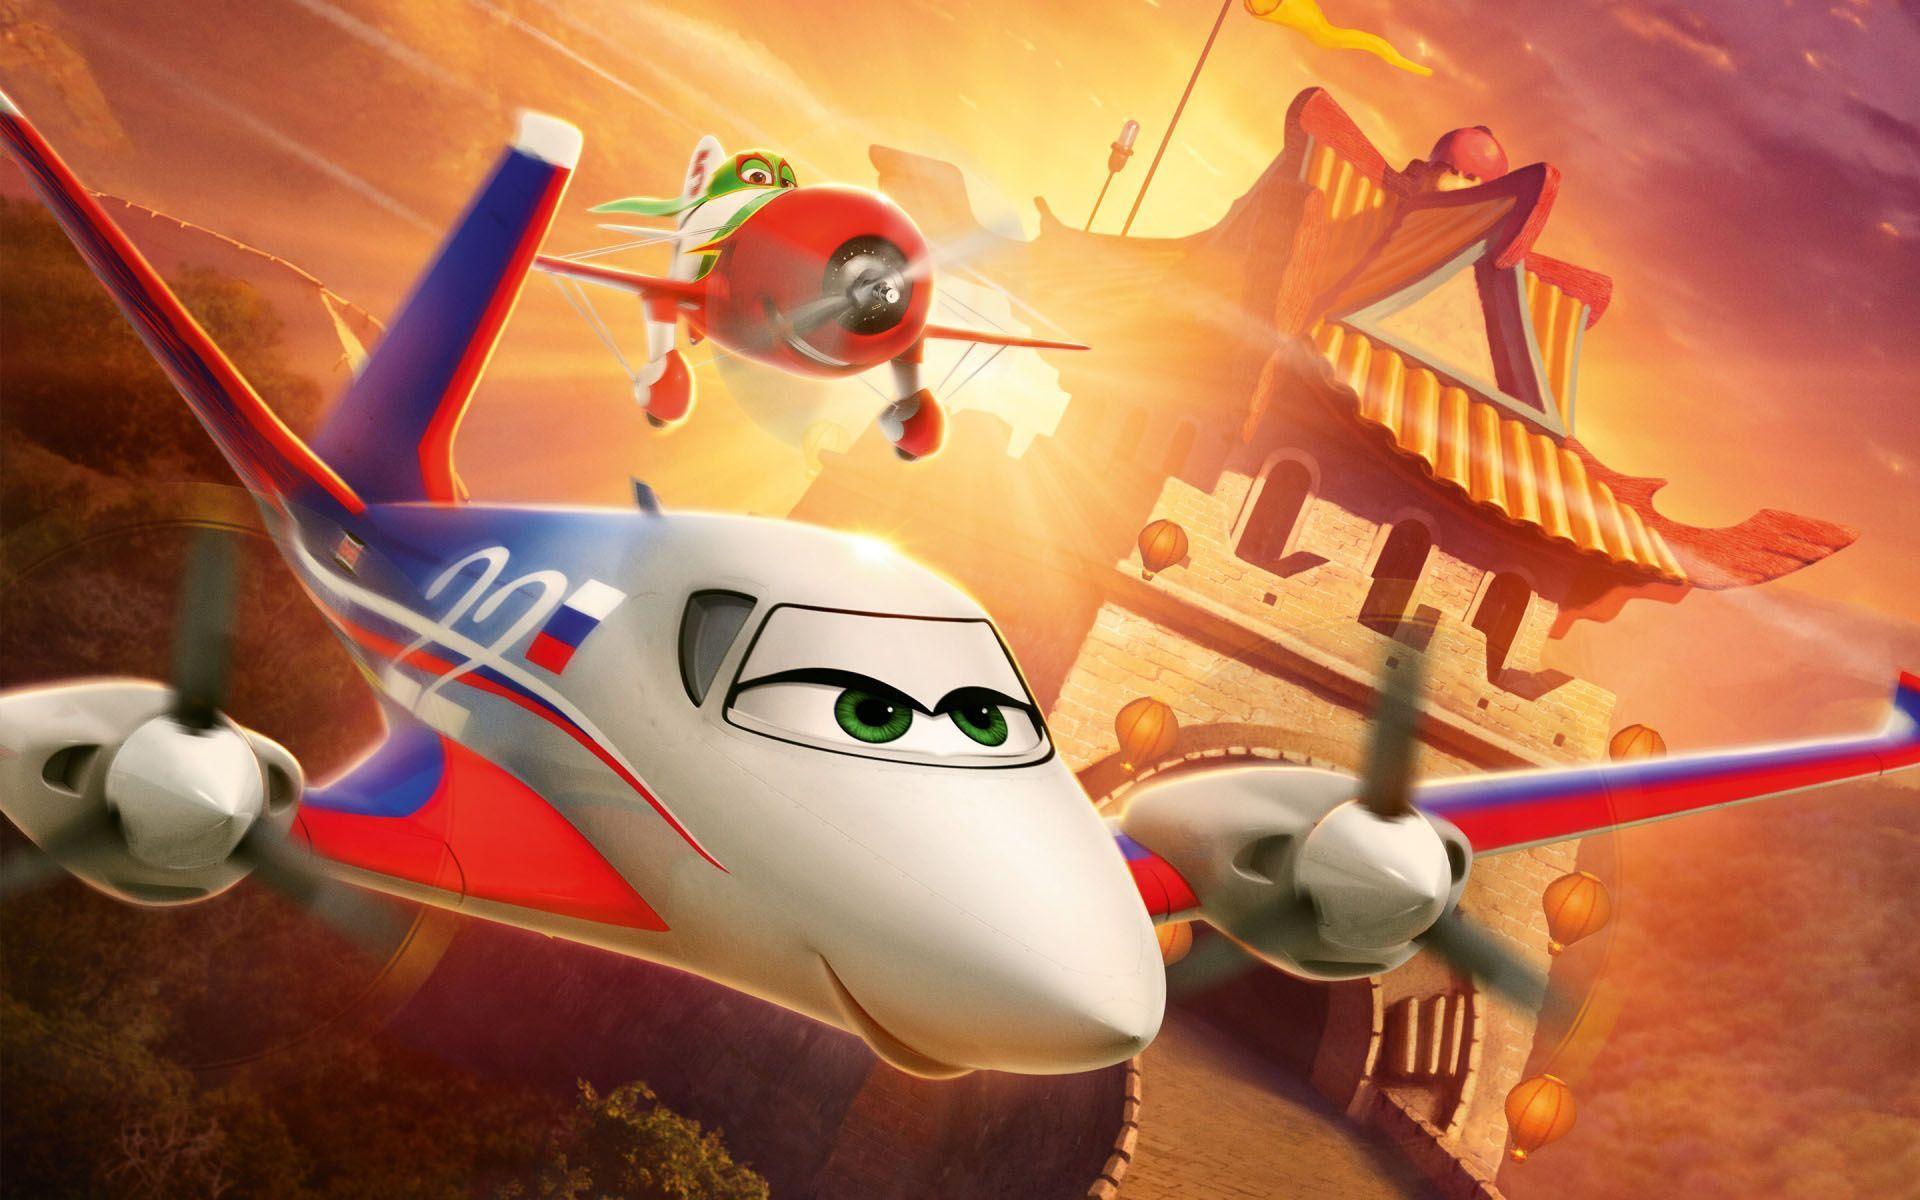 Disney Planes El Chupacabra And Rochelle